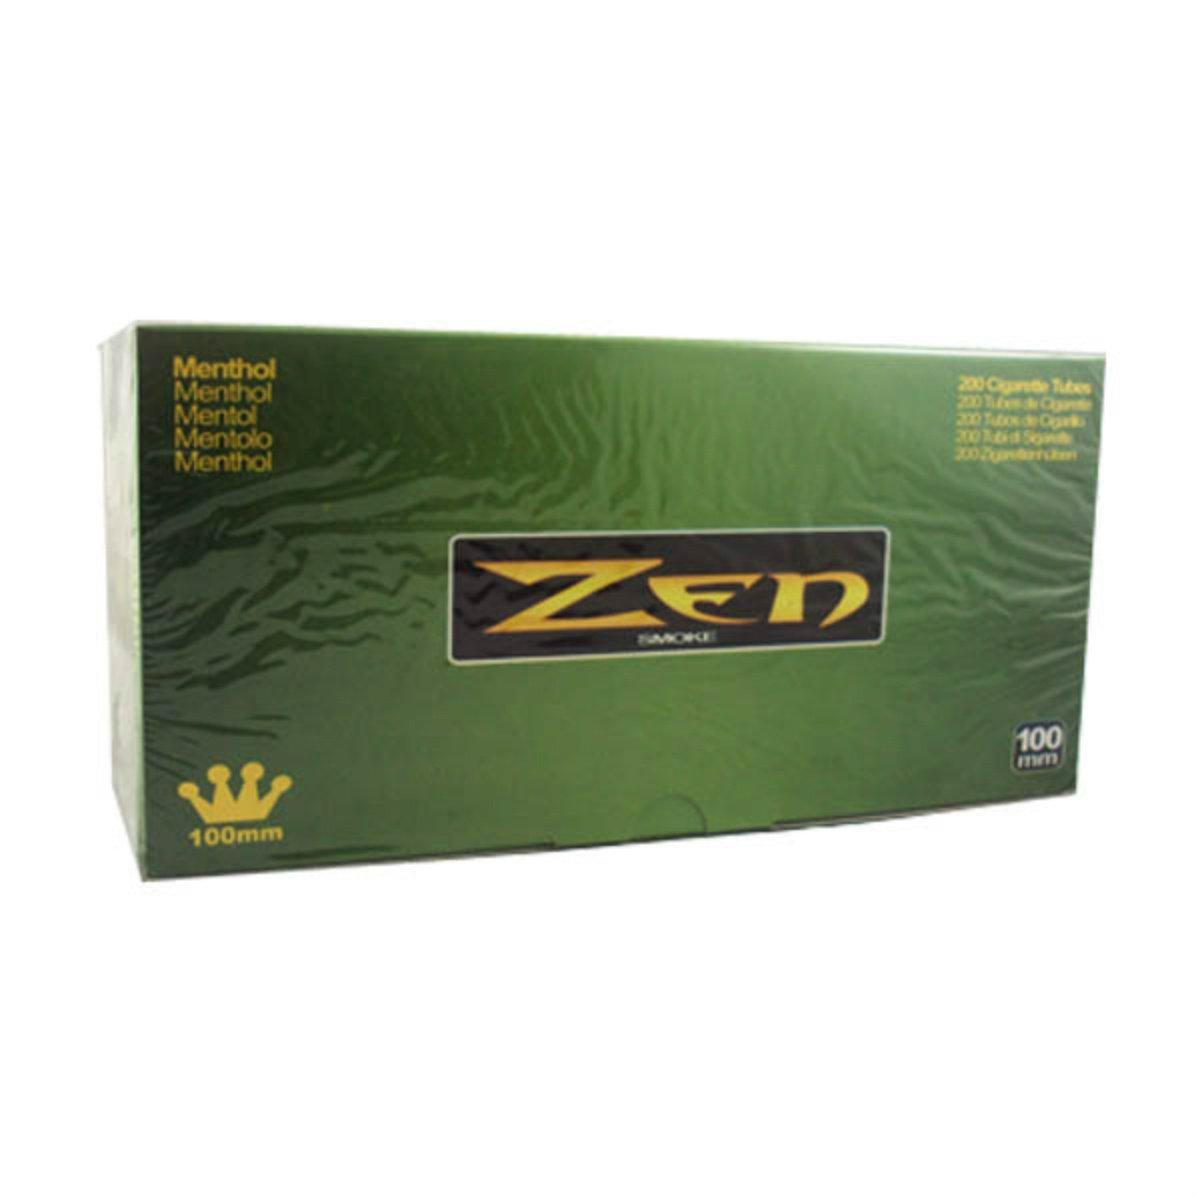 Zen Menthol 100mm Cigarette Tubes (200 Ct/box) ONE CASE =50 Boxes